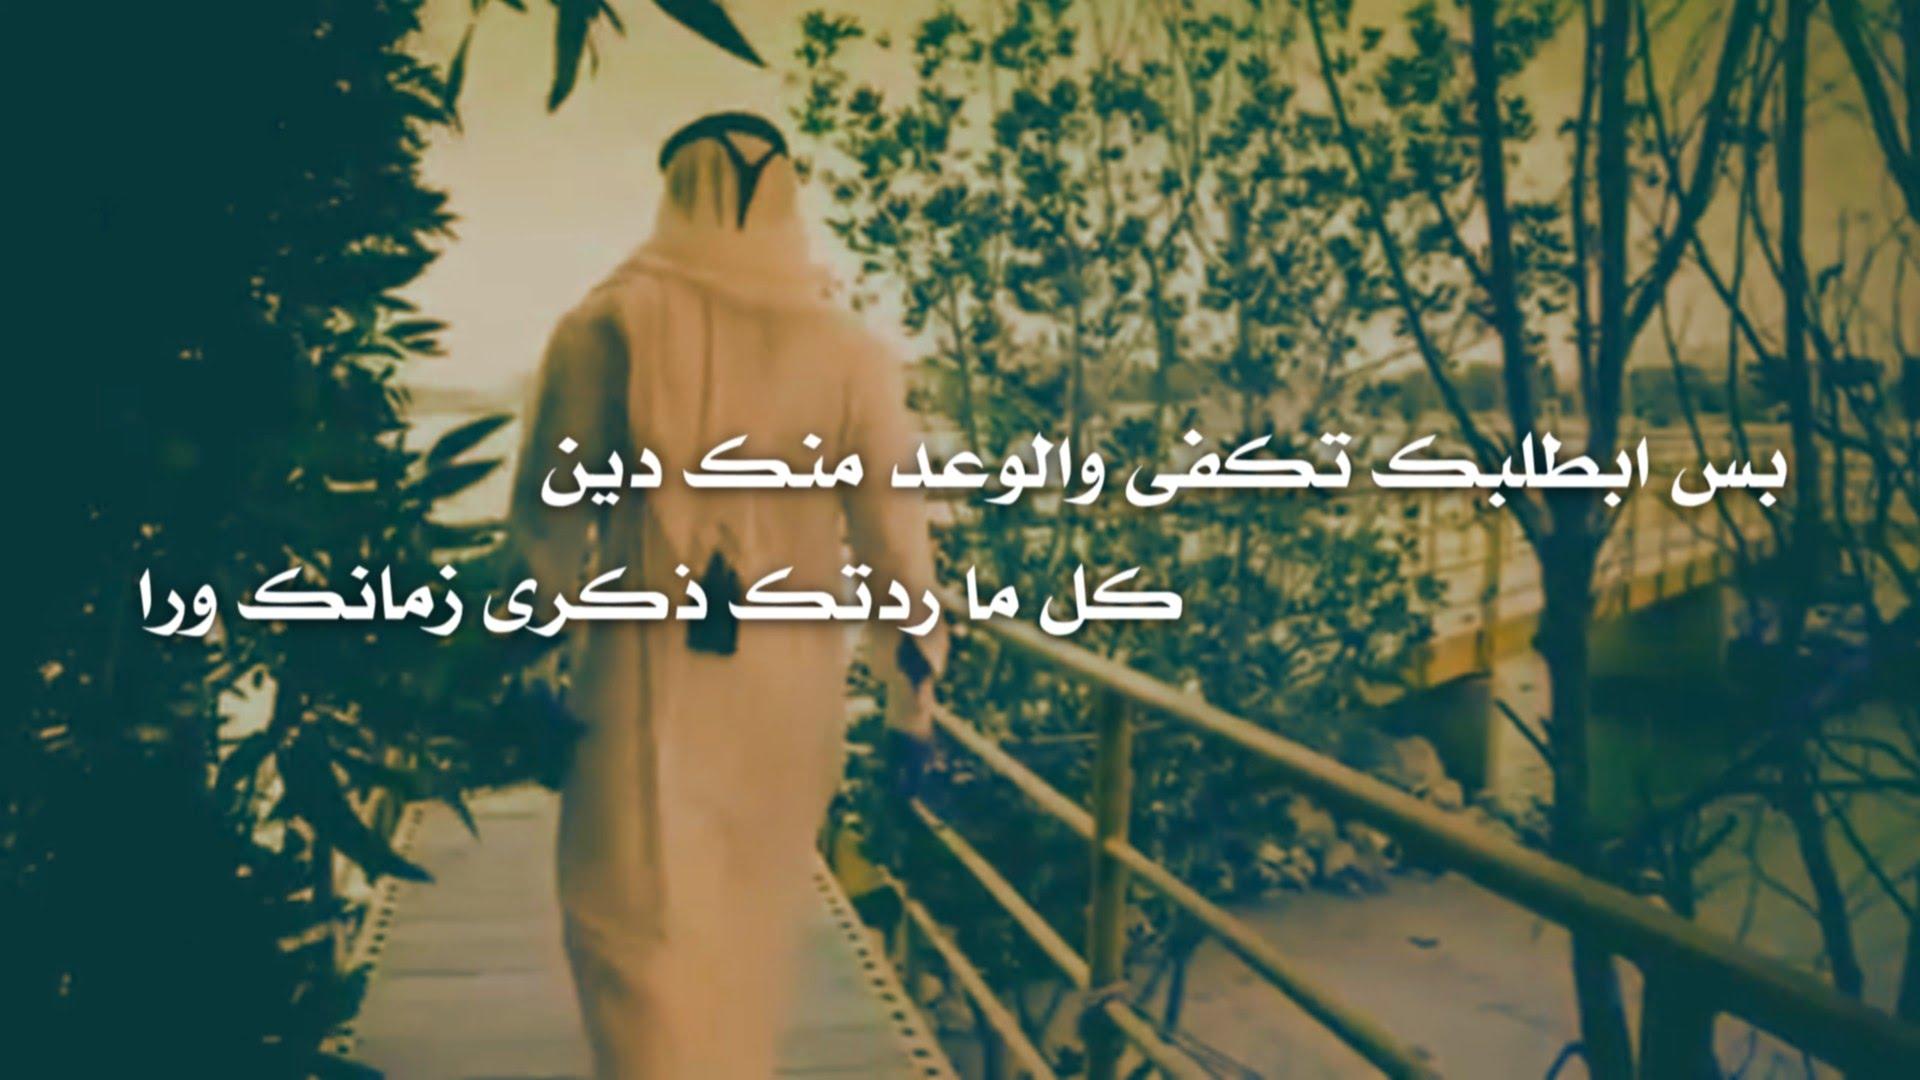 صور كلام عن الوداع , كلام مؤلم عن الوداع